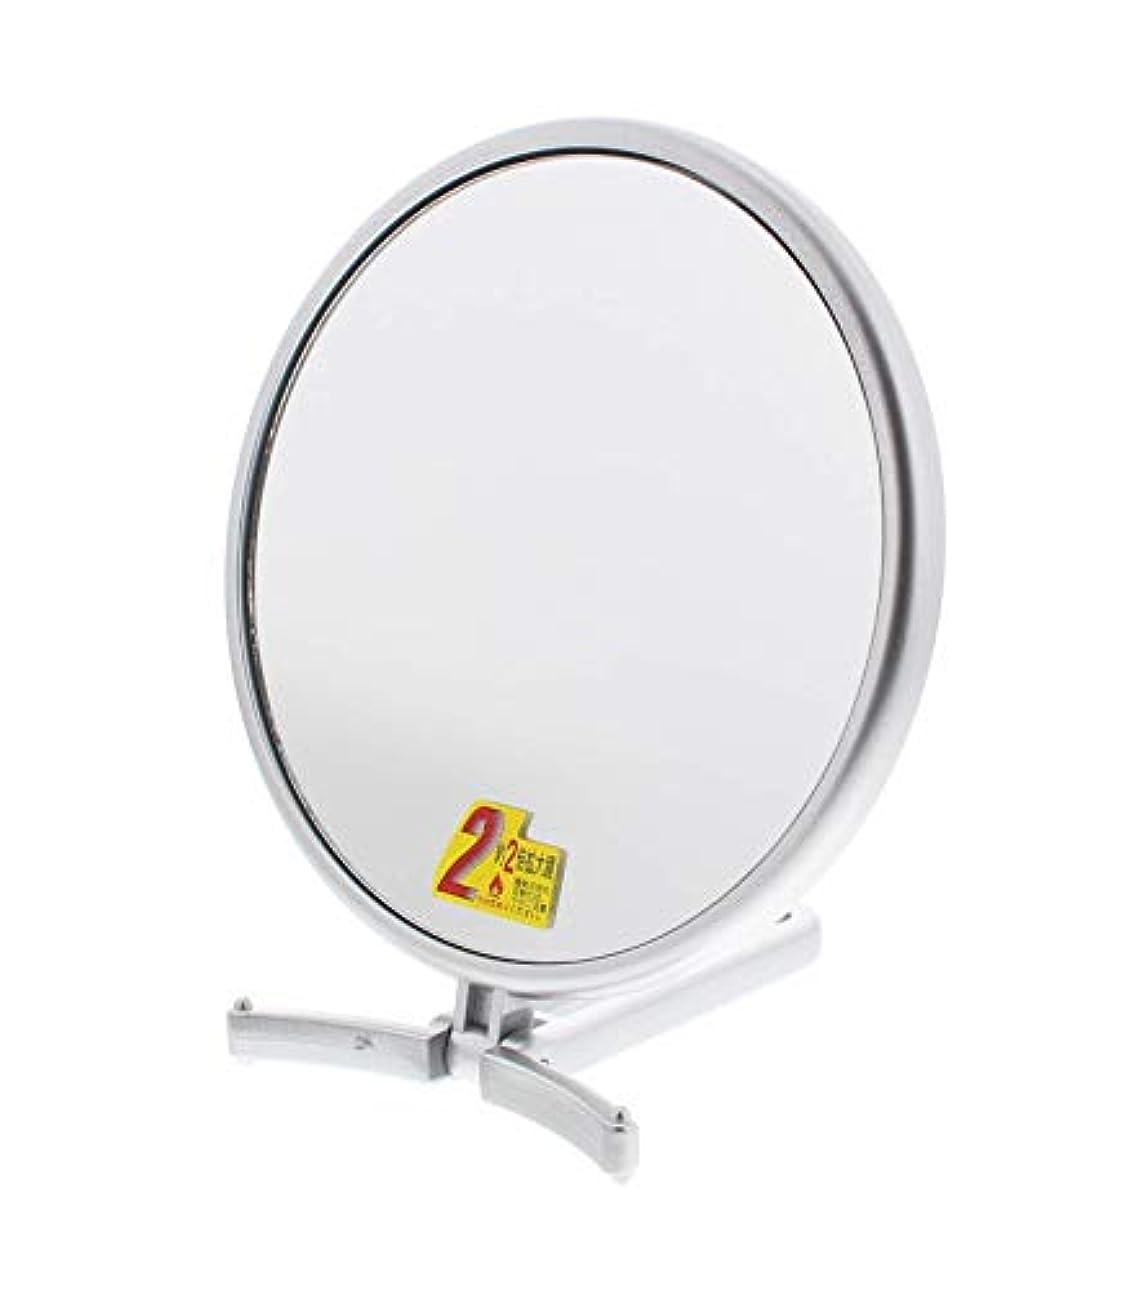 可能控えめな四分円メリー 片面約2倍拡大鏡付折立式ハンドミラー シルバー CH-7740